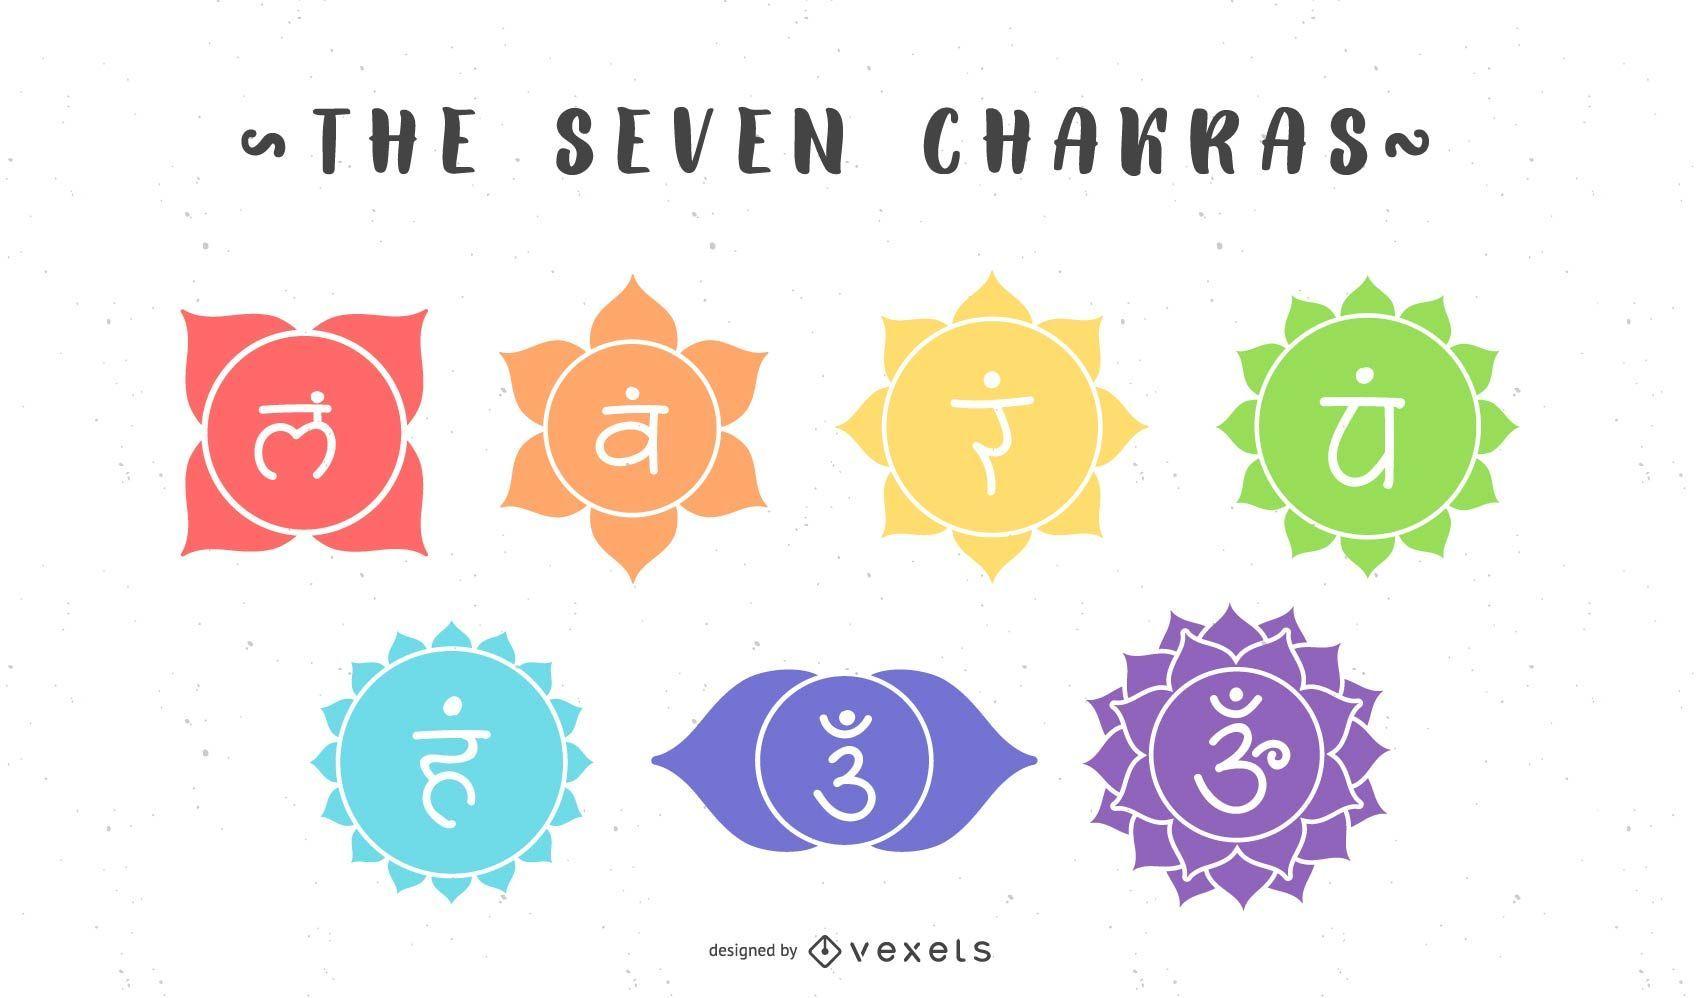 El conjunto de símbolos de los siete chakras